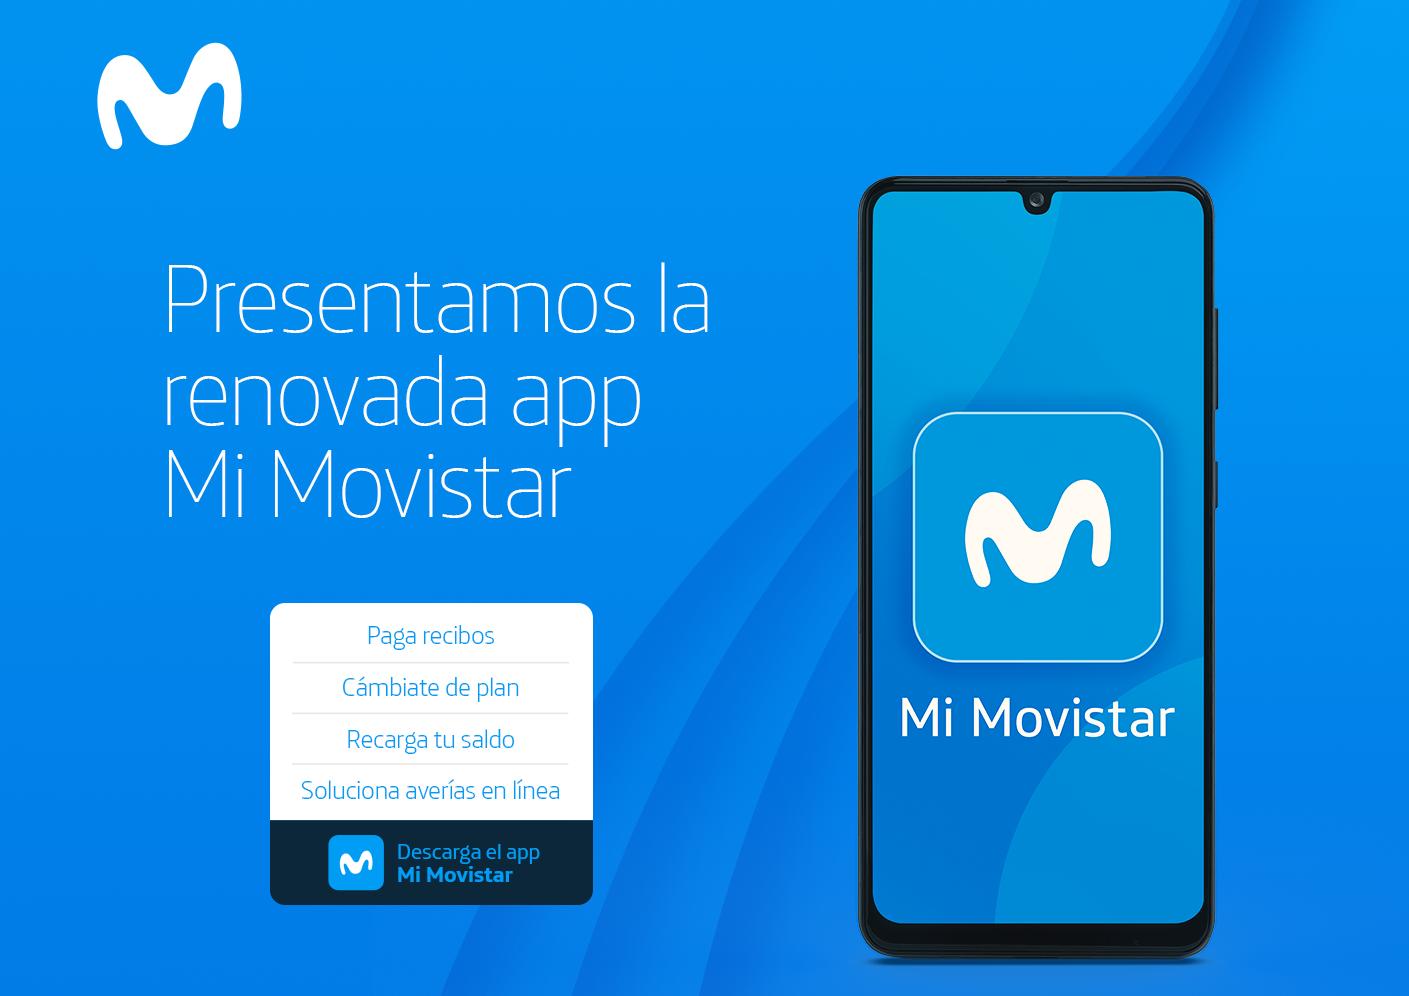 Movistar simplifica la atención de sus clientes a través de renovada app 'Mi Movistar'